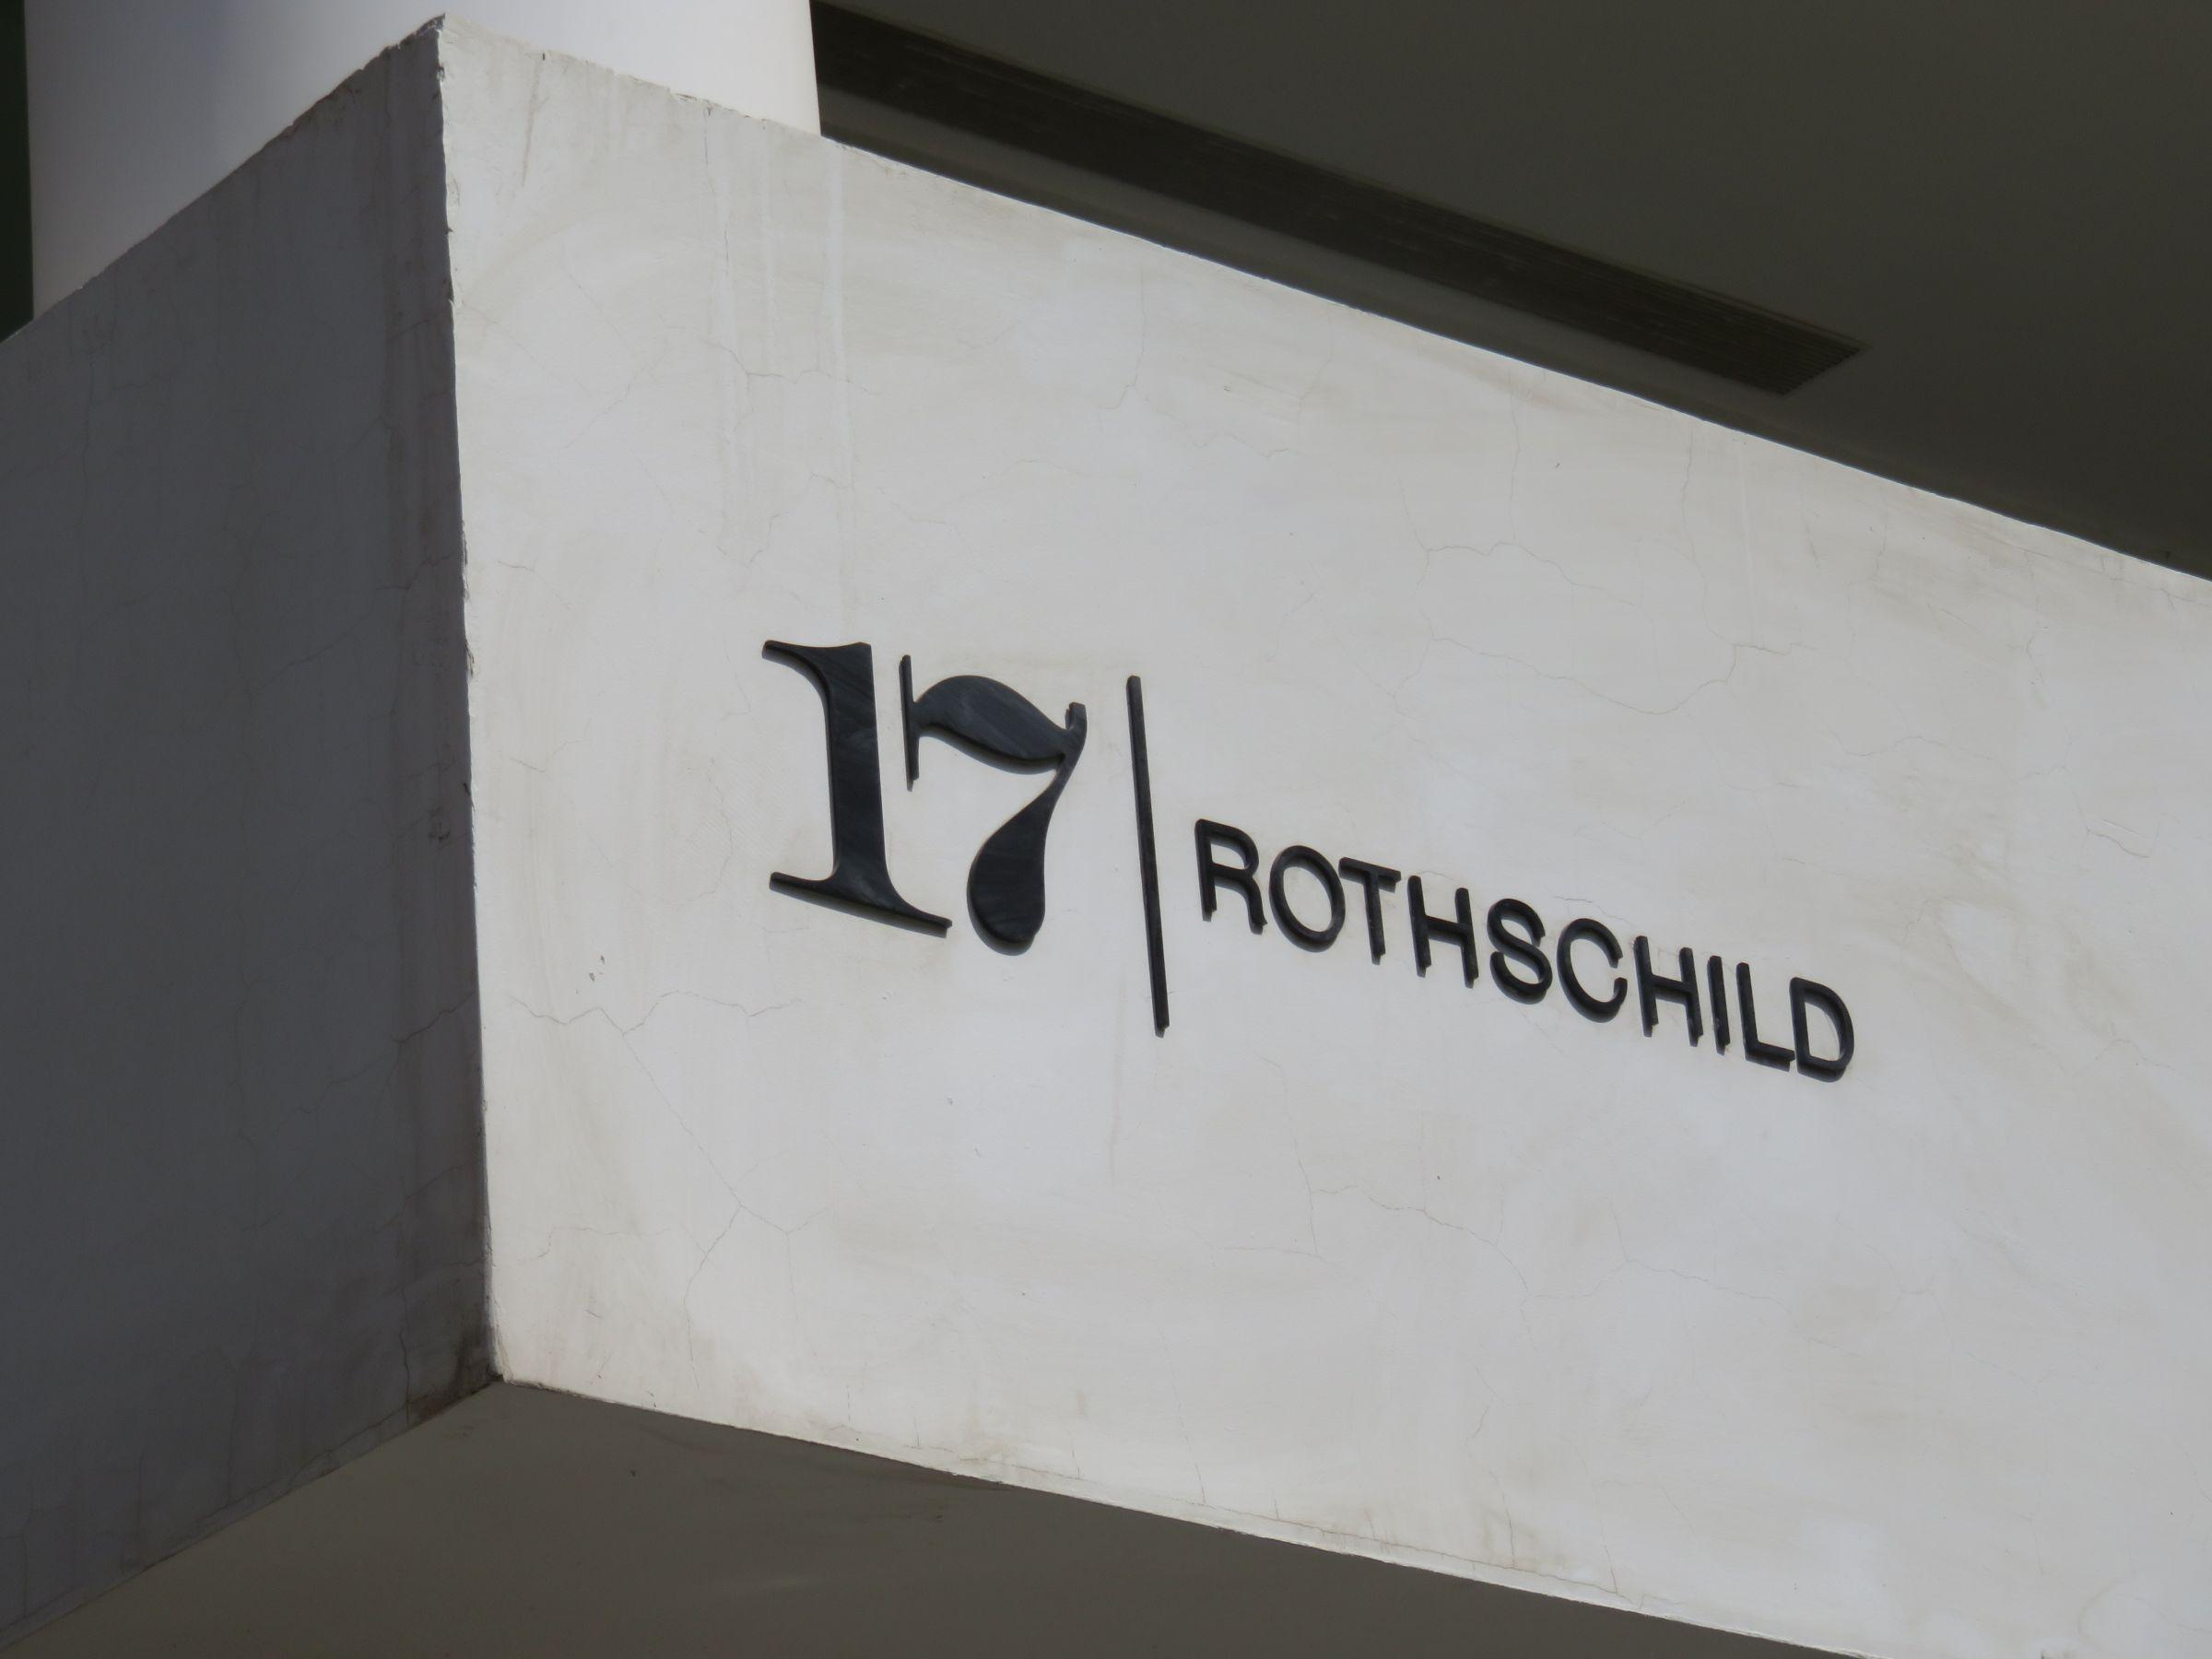 אחוזת בית רוטשילד